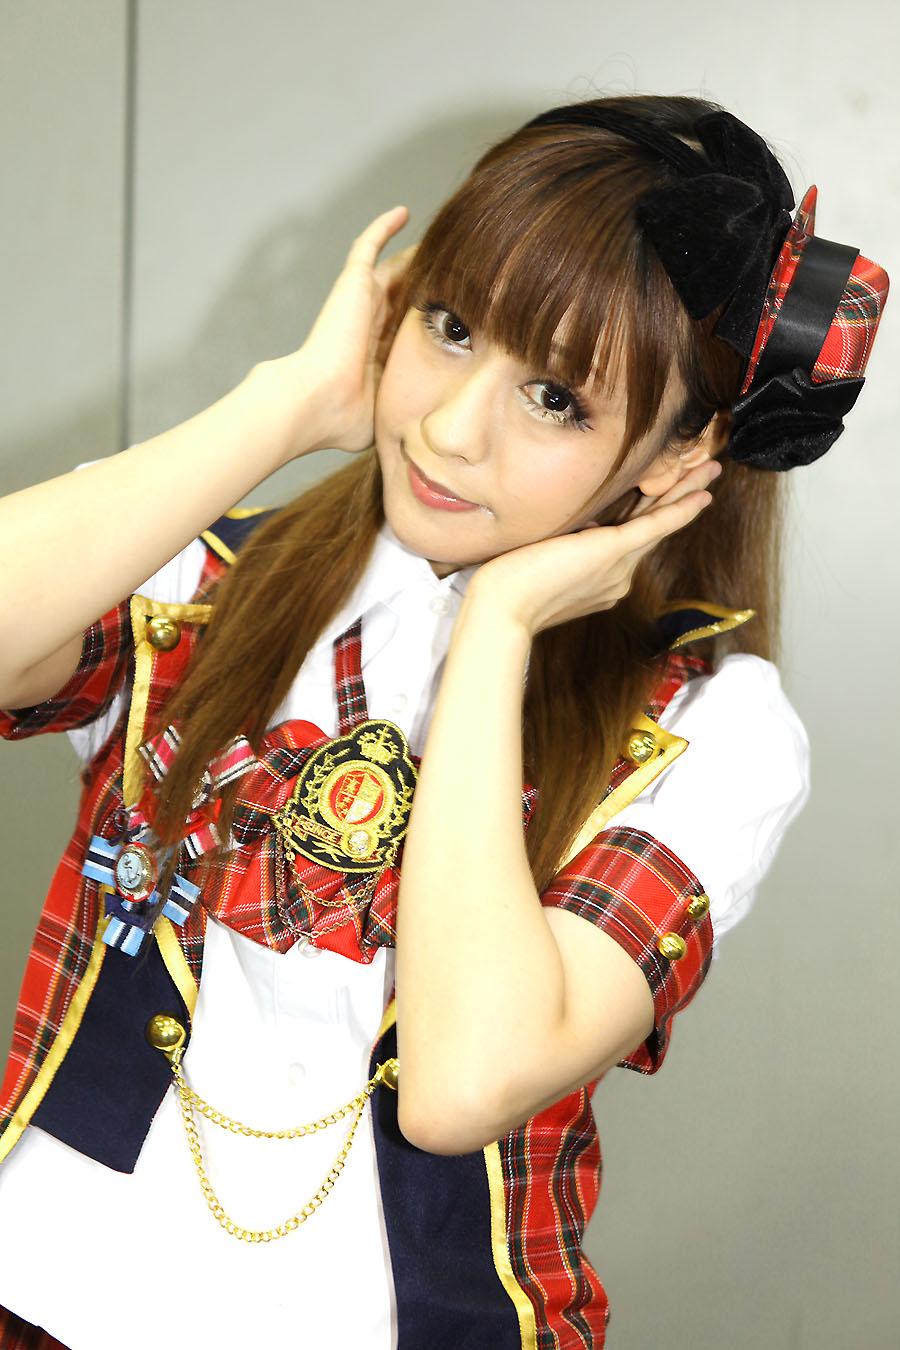 【鈴薙みつきさん】AKB48 小嶋陽菜